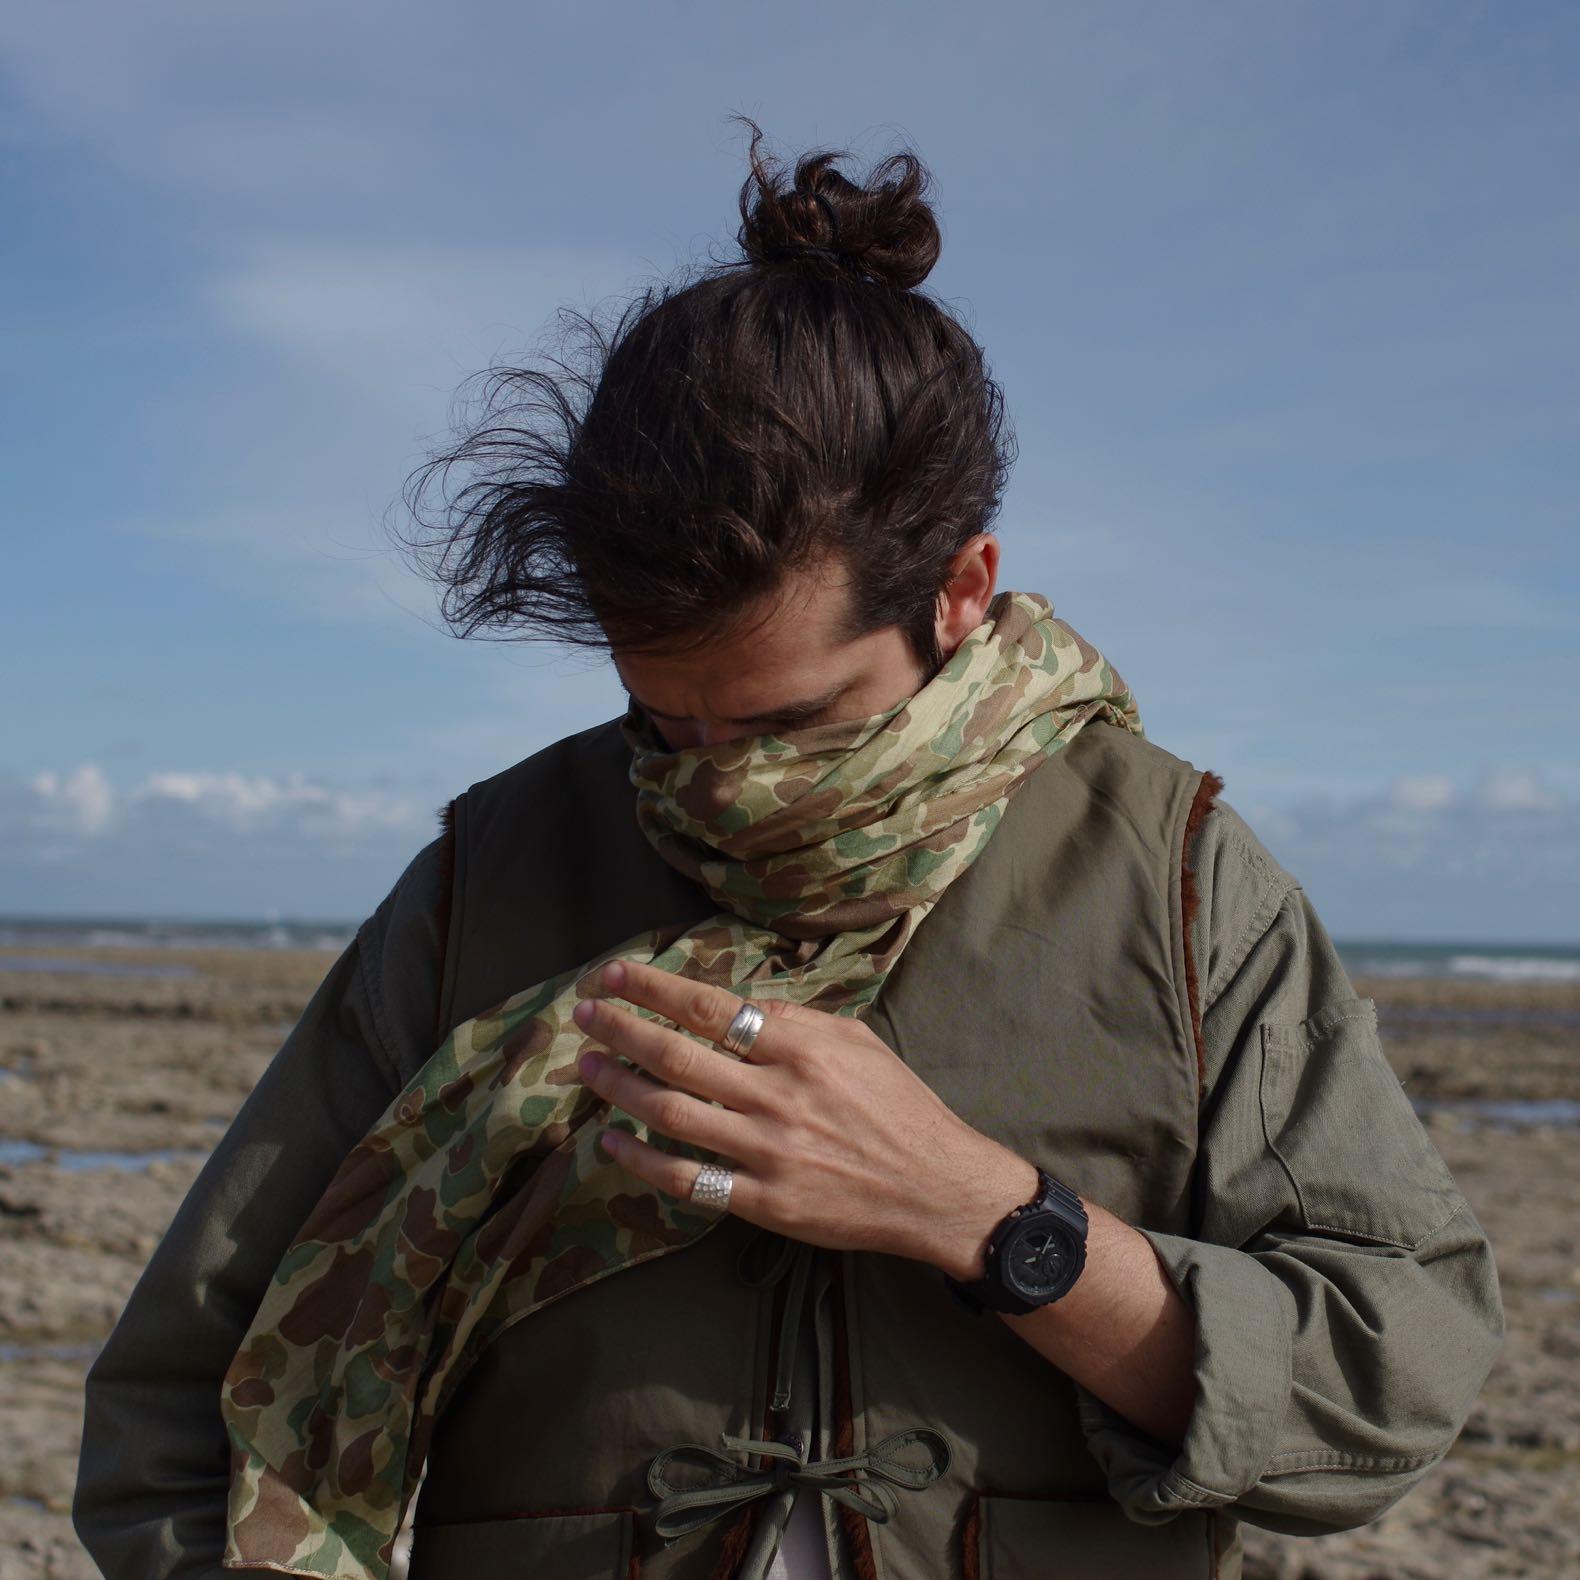 écharpe type foulard d'été en coton léger dans un imprimé camo frog skin de la marque Arashi Denim